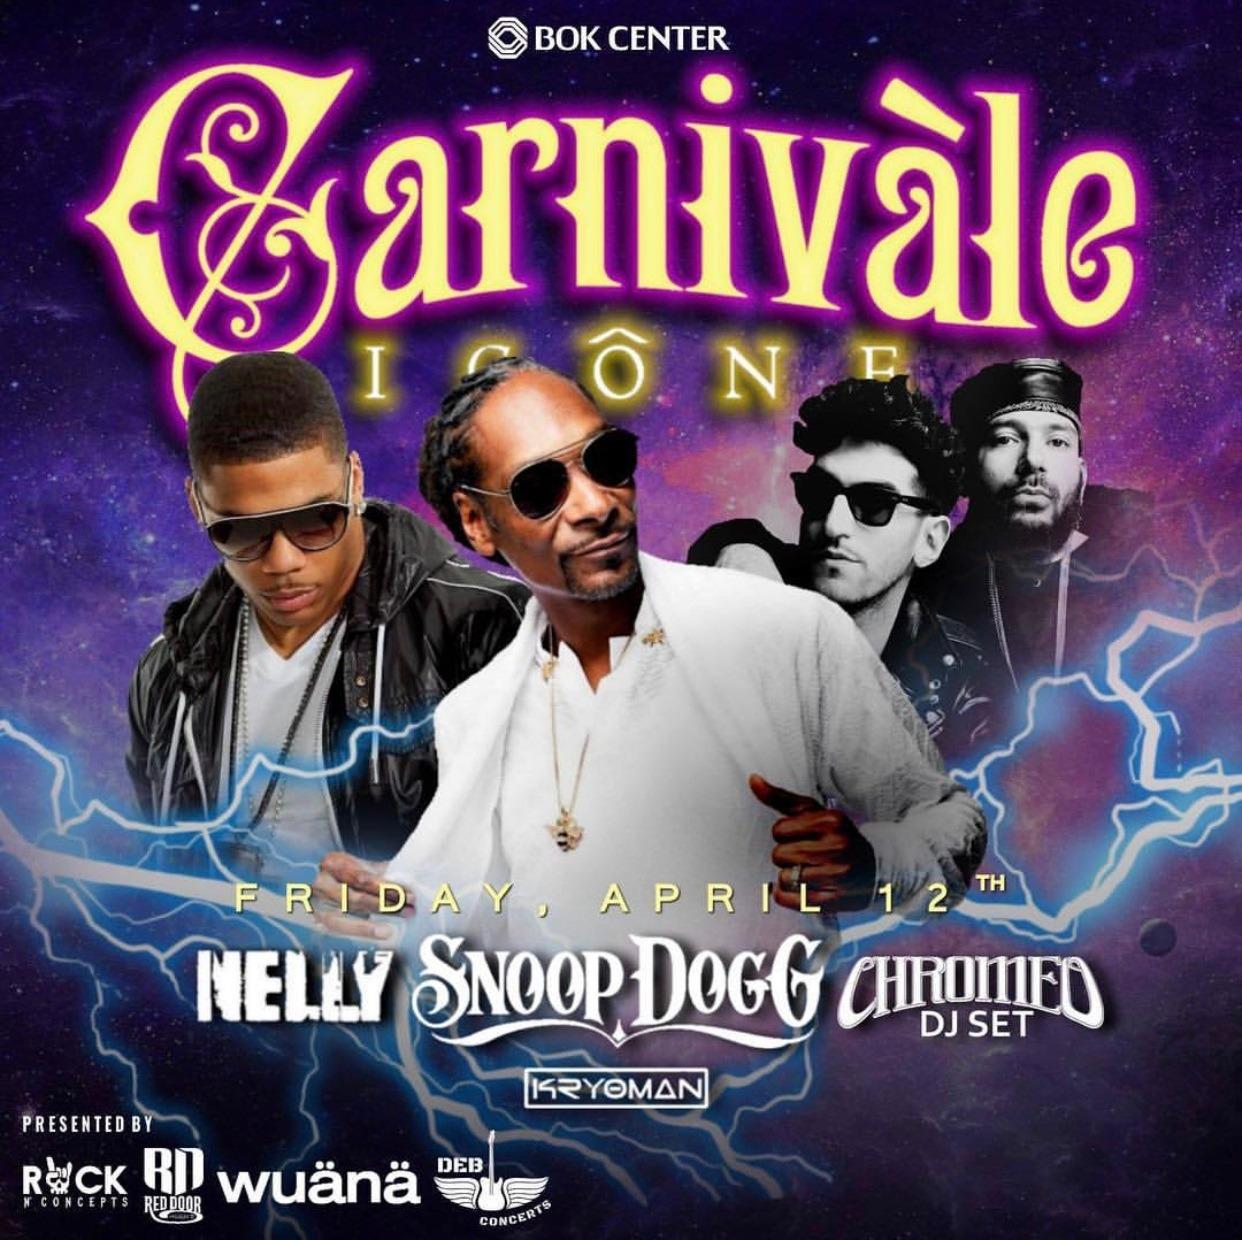 Carnival of Icons BOK Center April 12